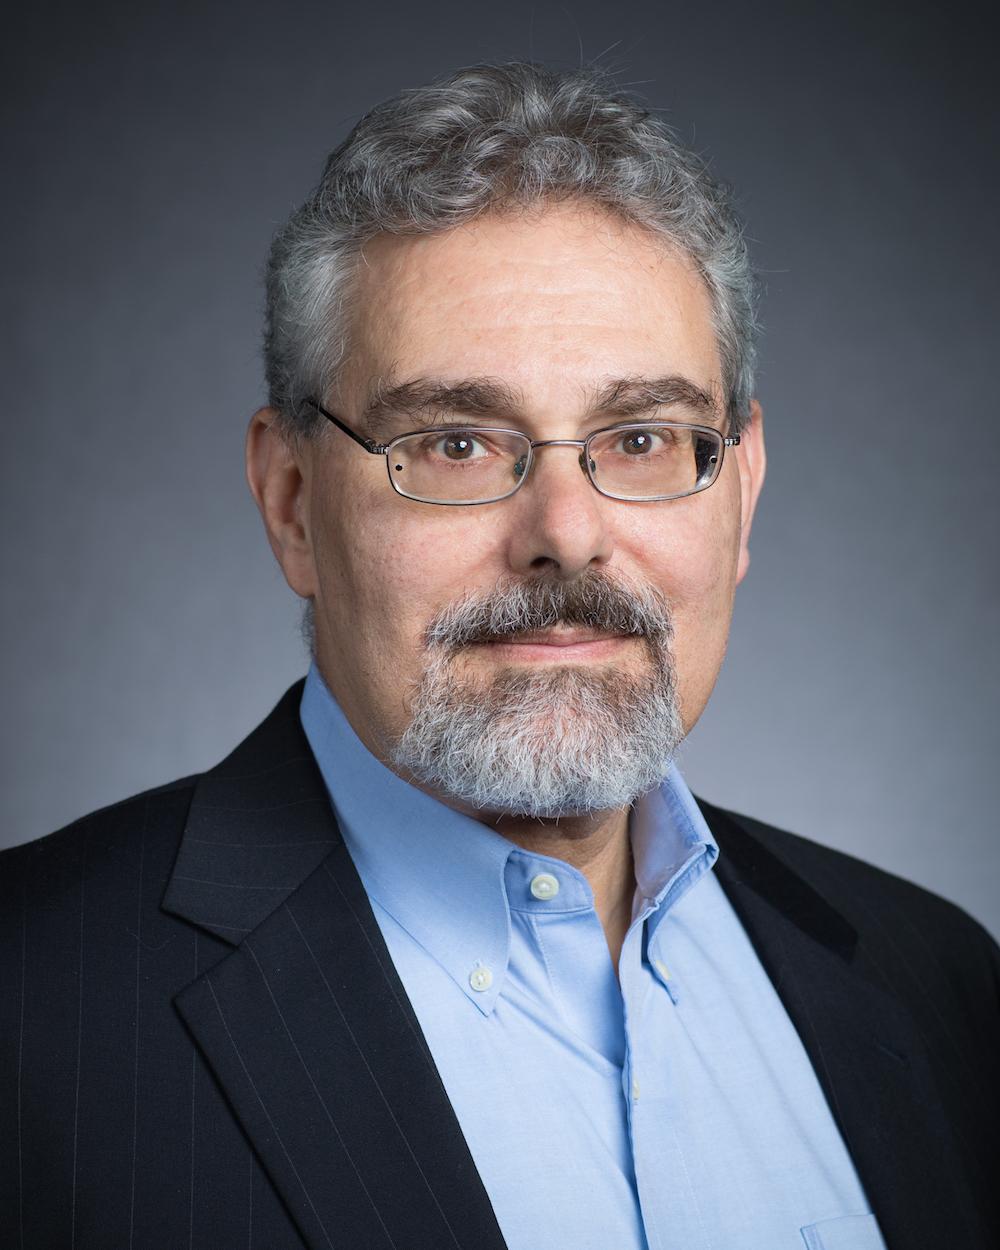 Manuel H. Newburger